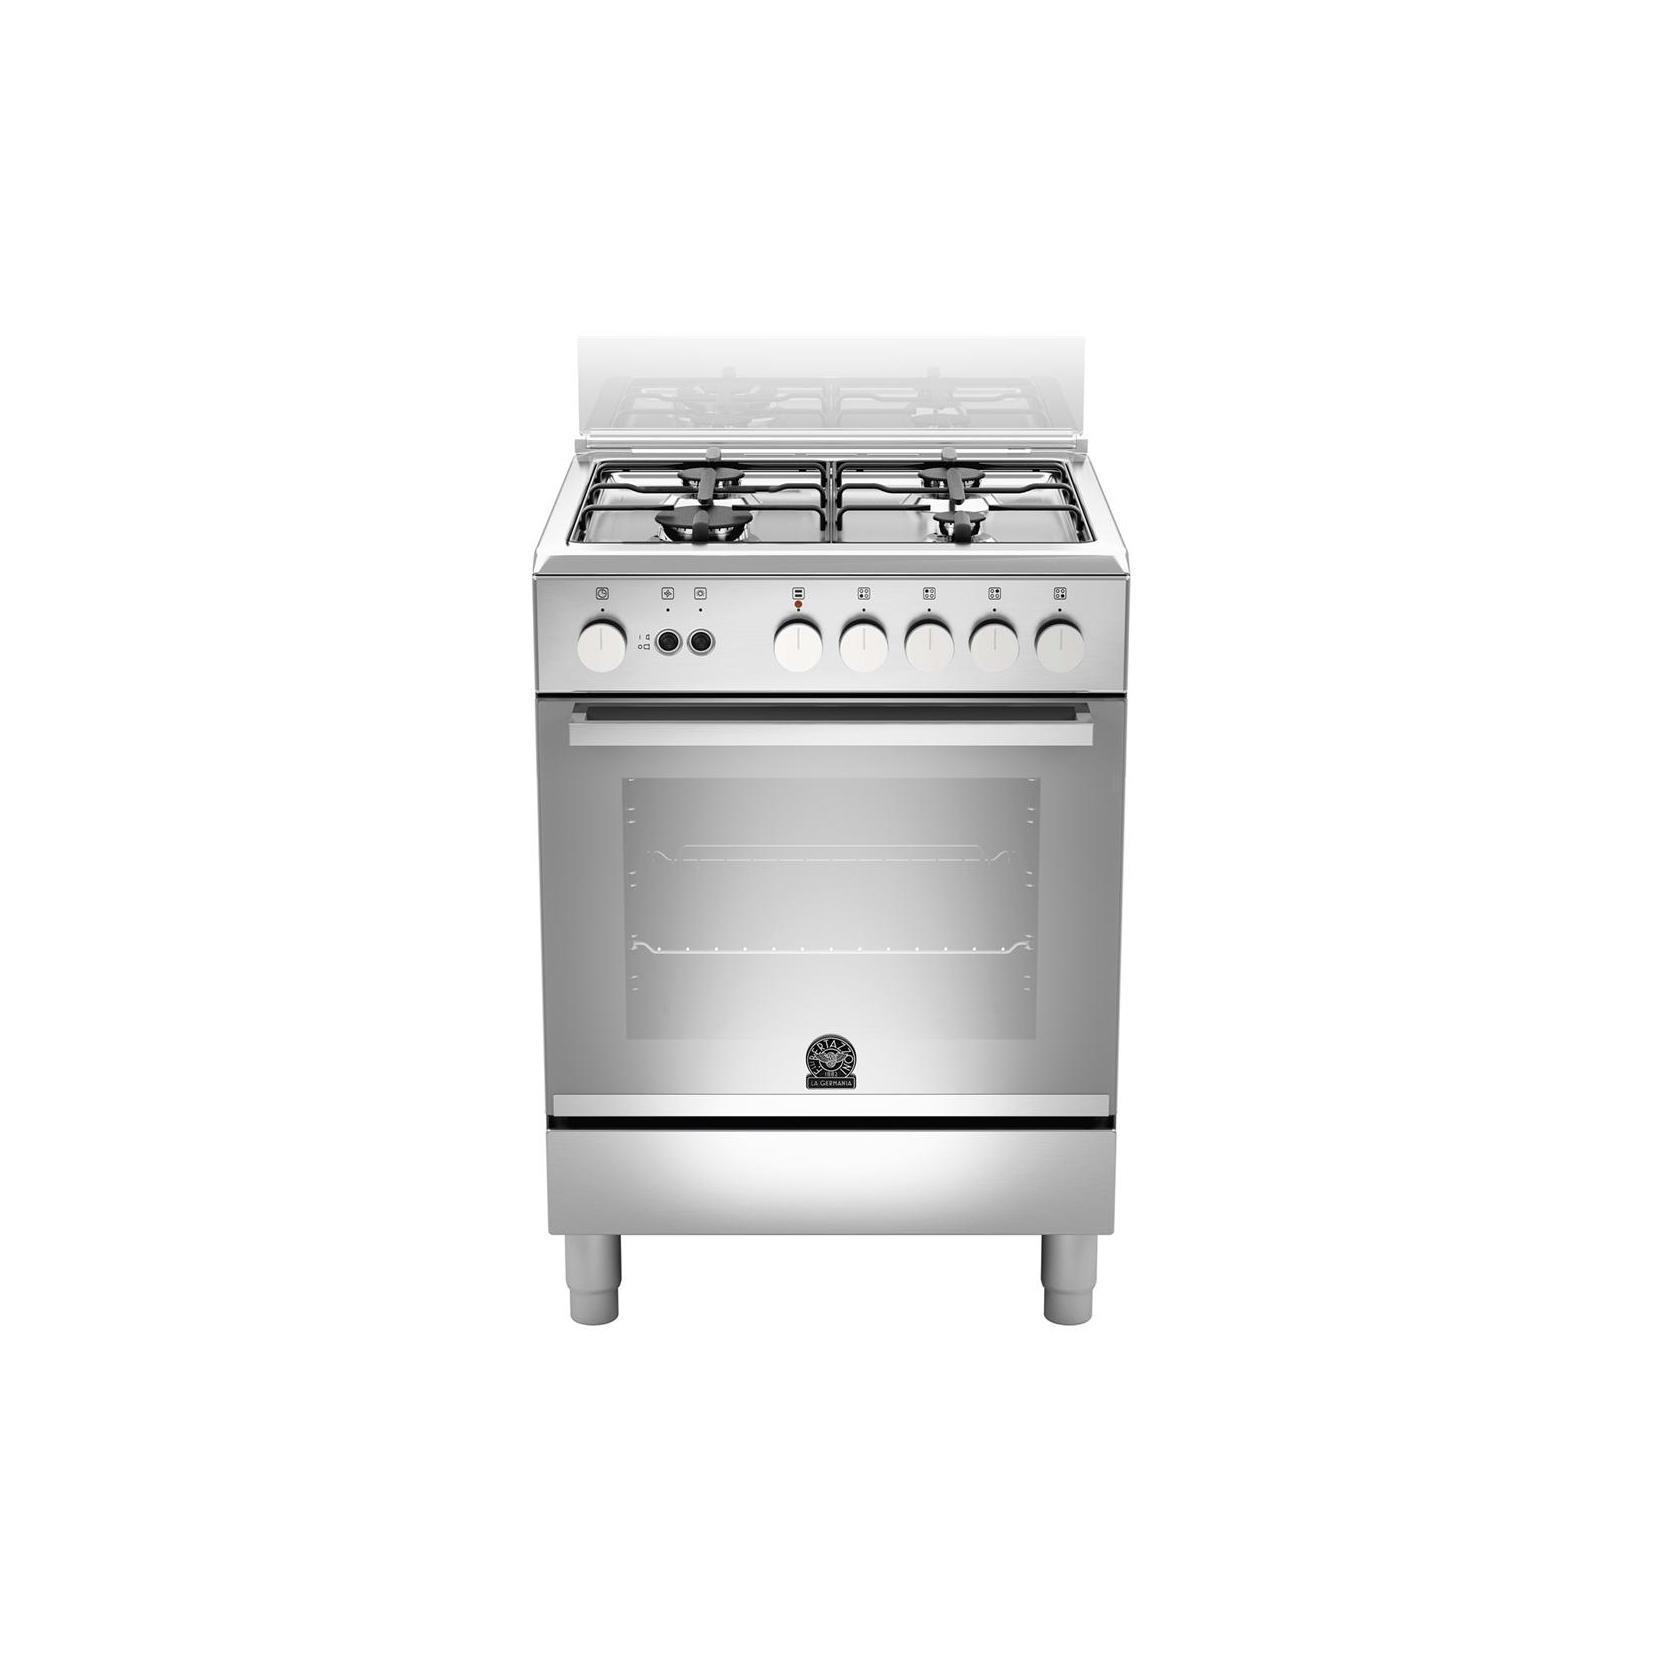 Cucina la germania tu64071dx 60x60 4 fuochi a gas forno gas ventilato colore inox garanzia - Cucina con forno a gas ventilato ...